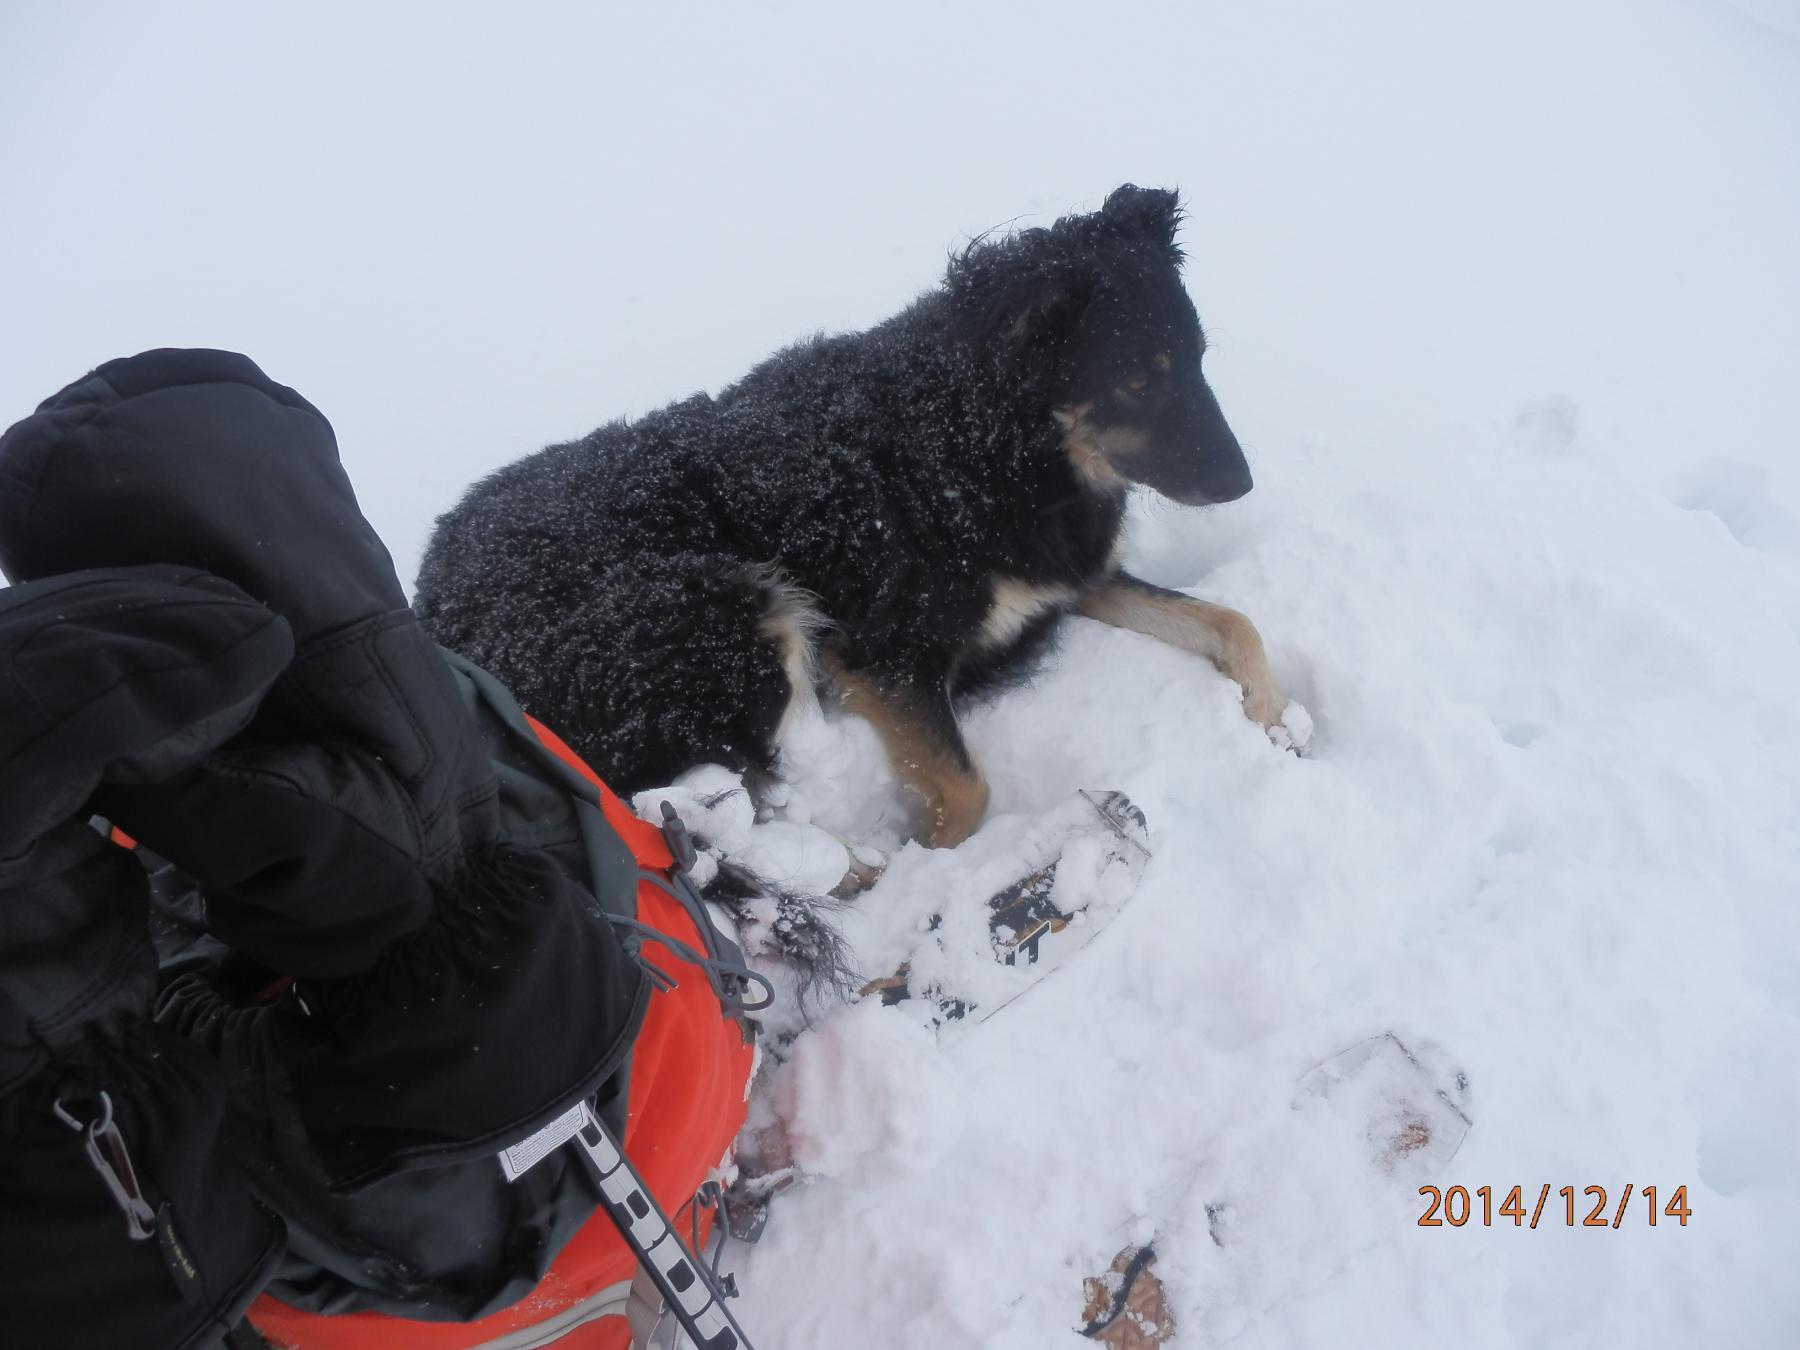 riposino nella neve..pensando alla cuccia calda di casa